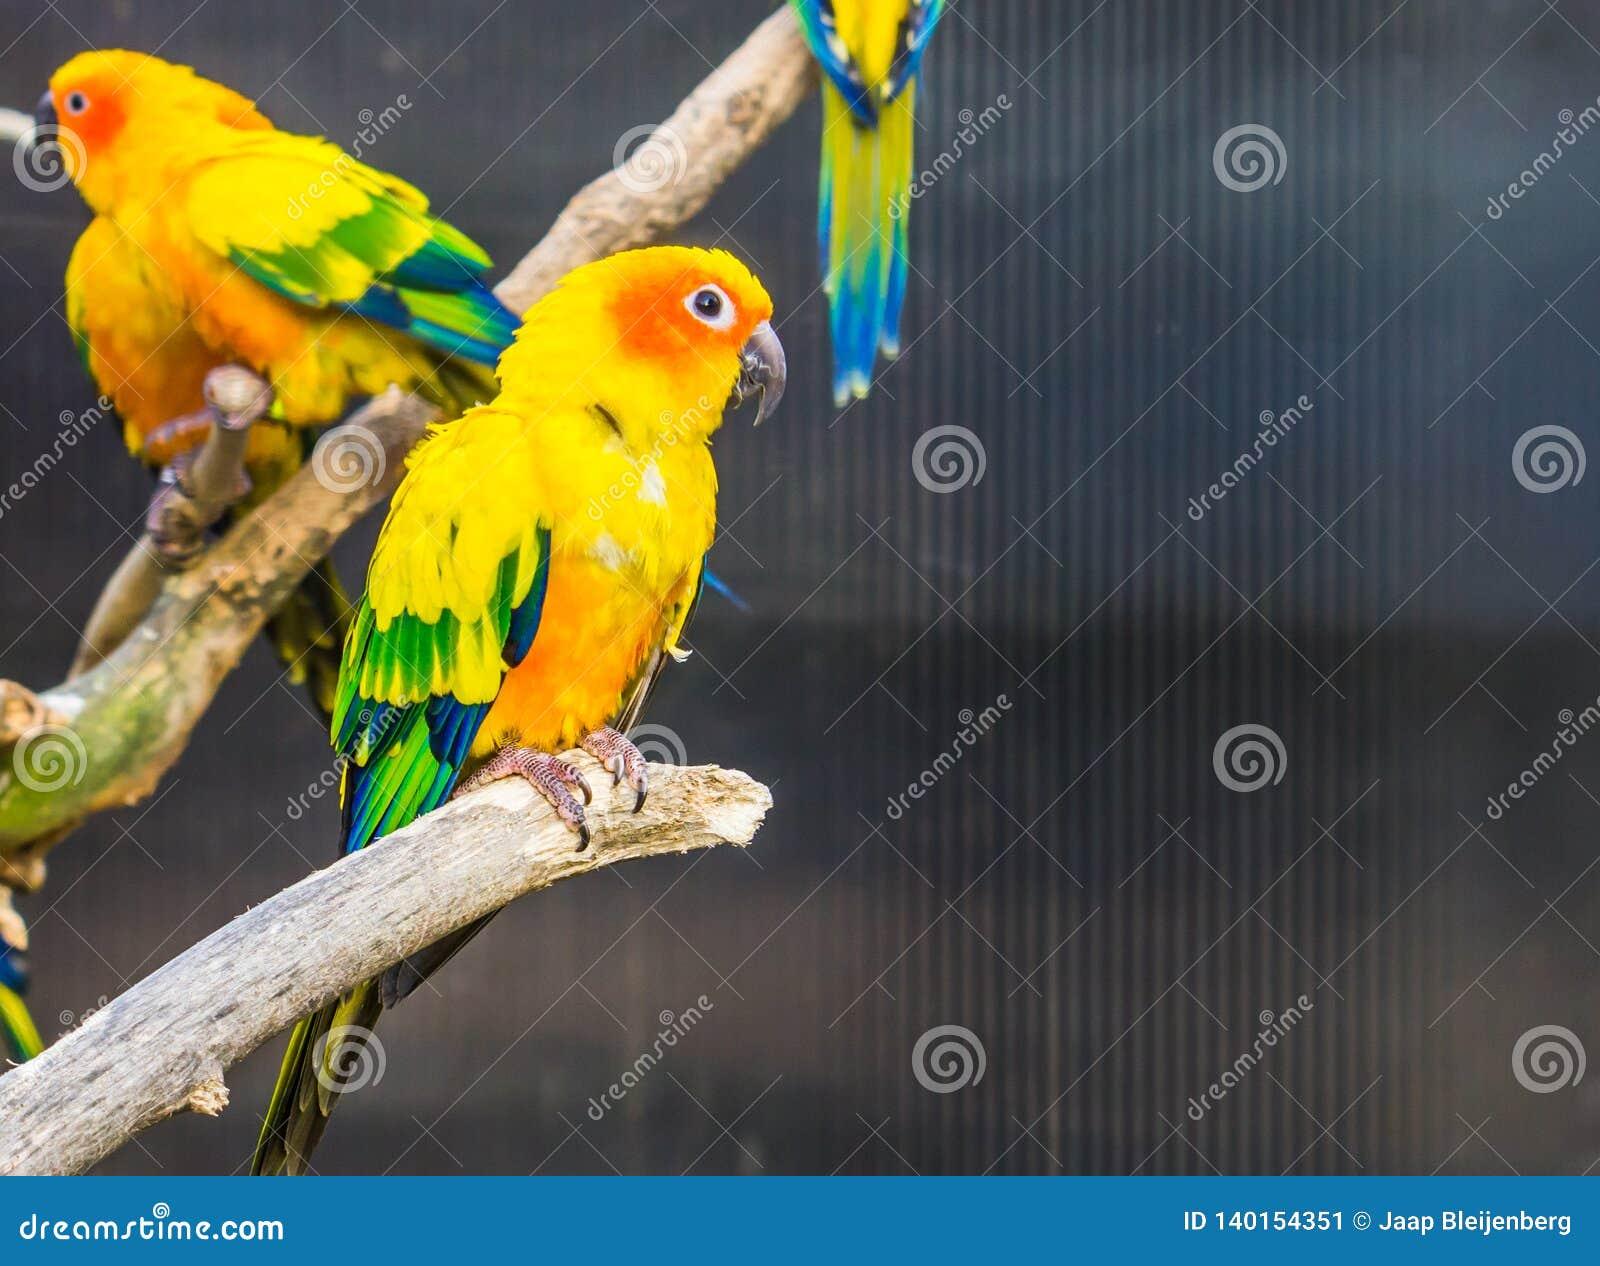 De kleurrijke zitting van de Zonparkiet op een tak, tropische kleine papegaai van Amerika, bracht vogelspecie in gevaar